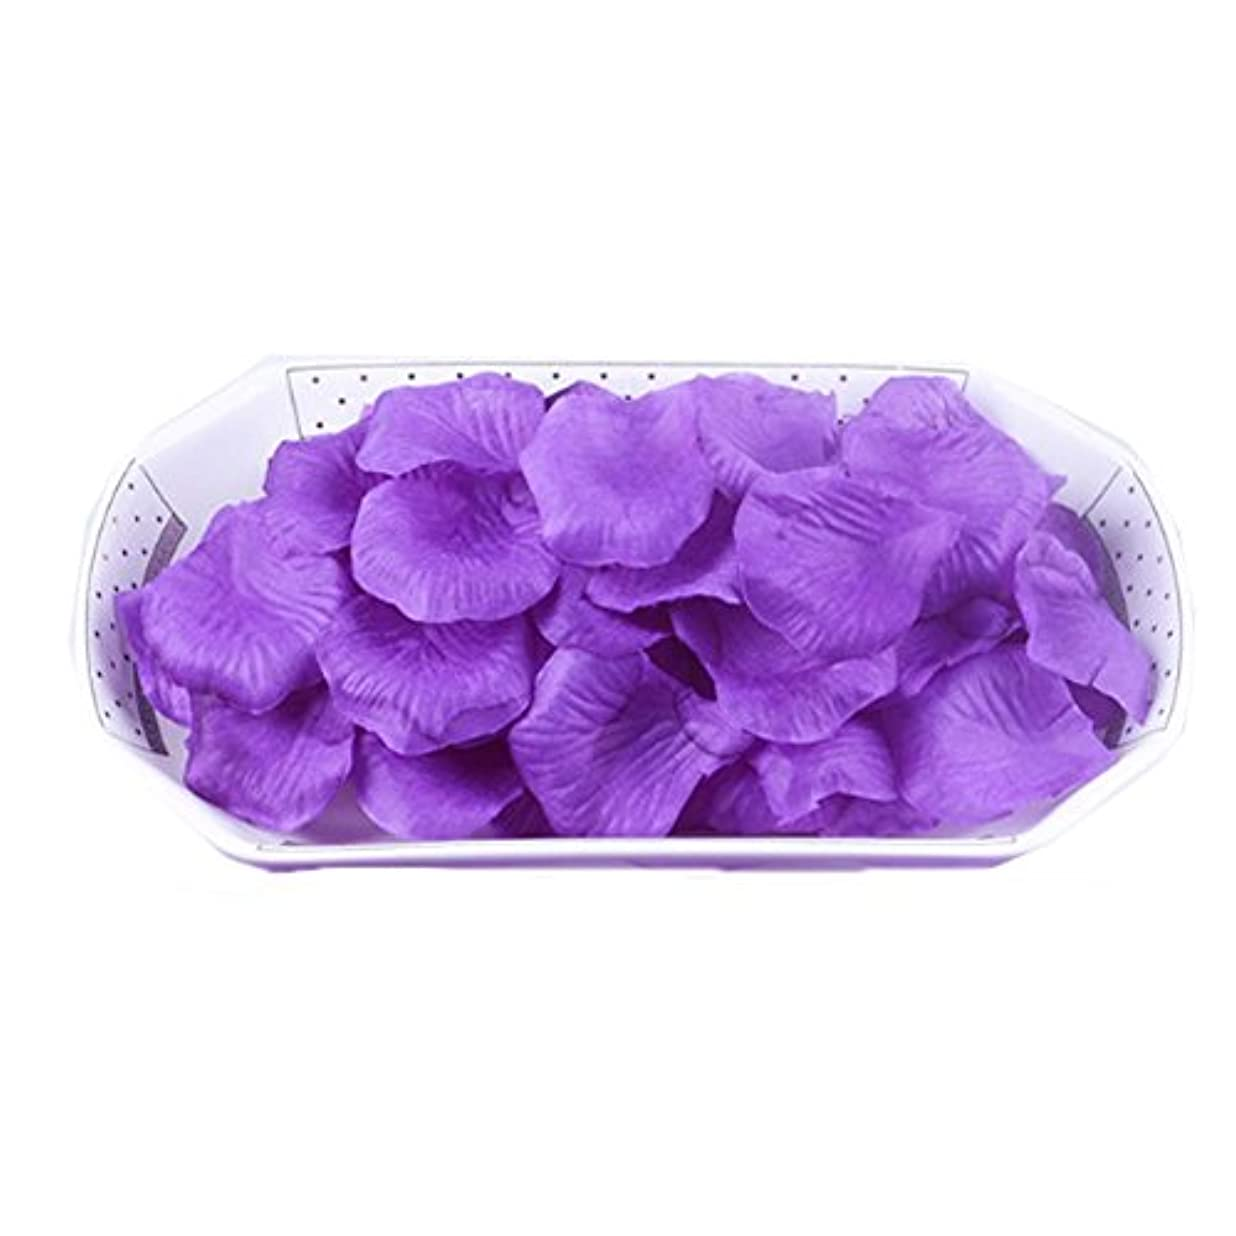 アベニュー代わりにを立てる振動させる結婚式の装飾のための人工花の花びら紫2000 PC